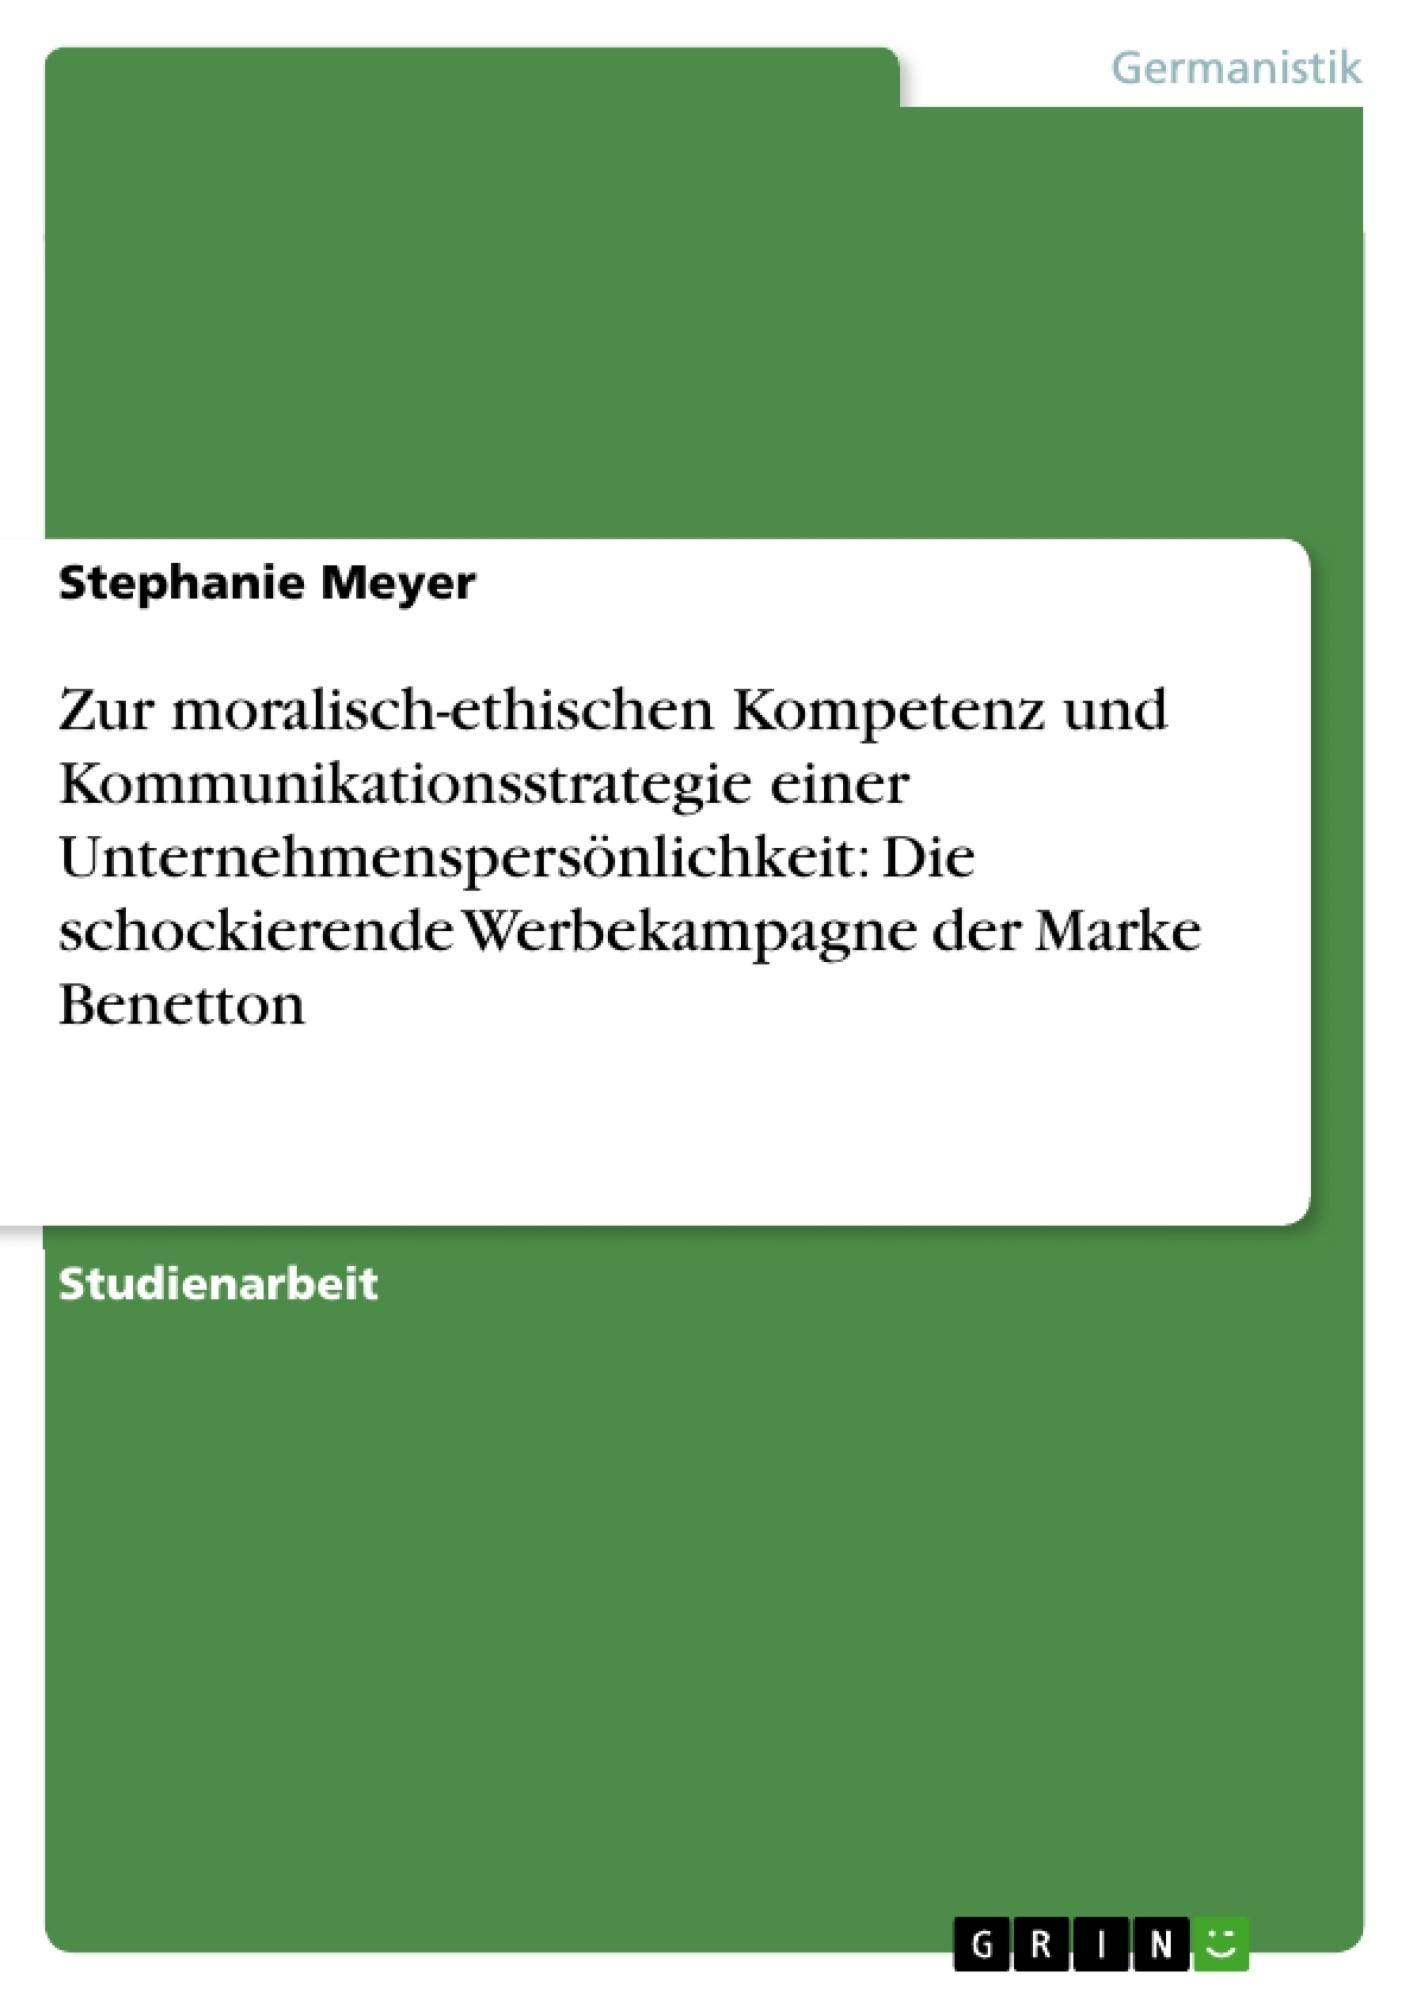 Titel: Zur moralisch-ethischen Kompetenz und Kommunikationsstrategie einer Unternehmenspersönlichkeit: Die schockierende Werbekampagne der Marke Benetton